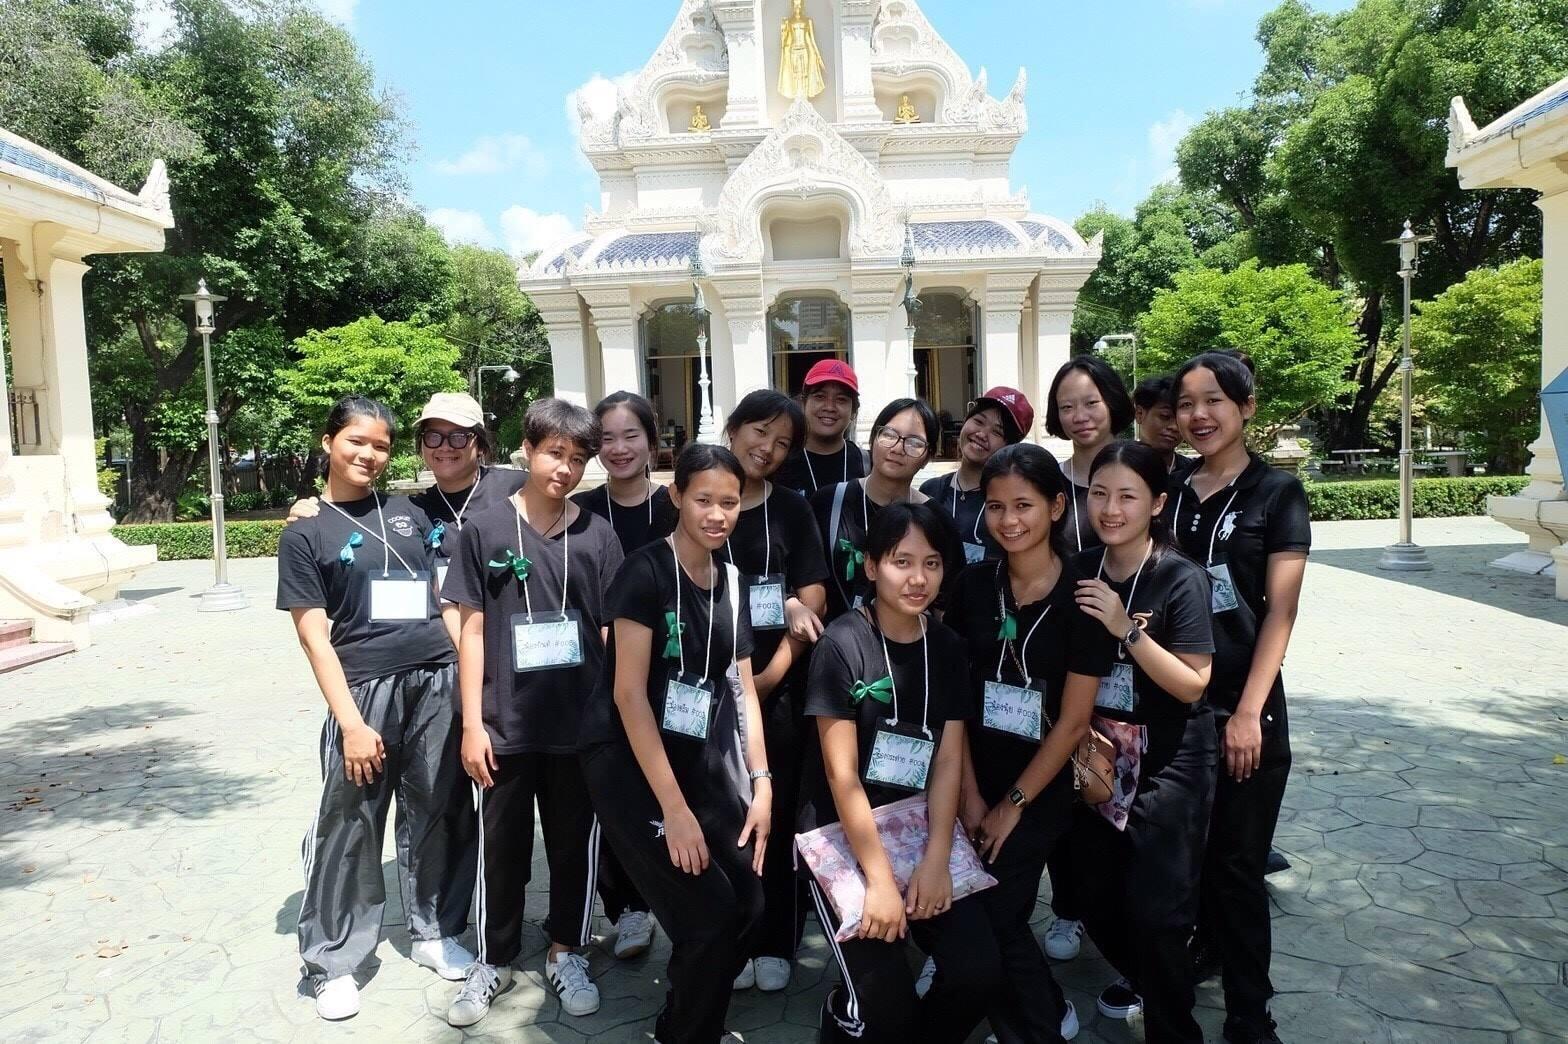 """รับน้องแนวสร้างสรรค์  รุ่นพี่ สิ่งแวดล้อมเมืองและอุตสาหกรรม มสด. นำน้องปี 1 เข้าวัด """"พัฒนาจิตใจ เน้นจิตอาสา รักษาวัฒนธรรมไทย"""""""